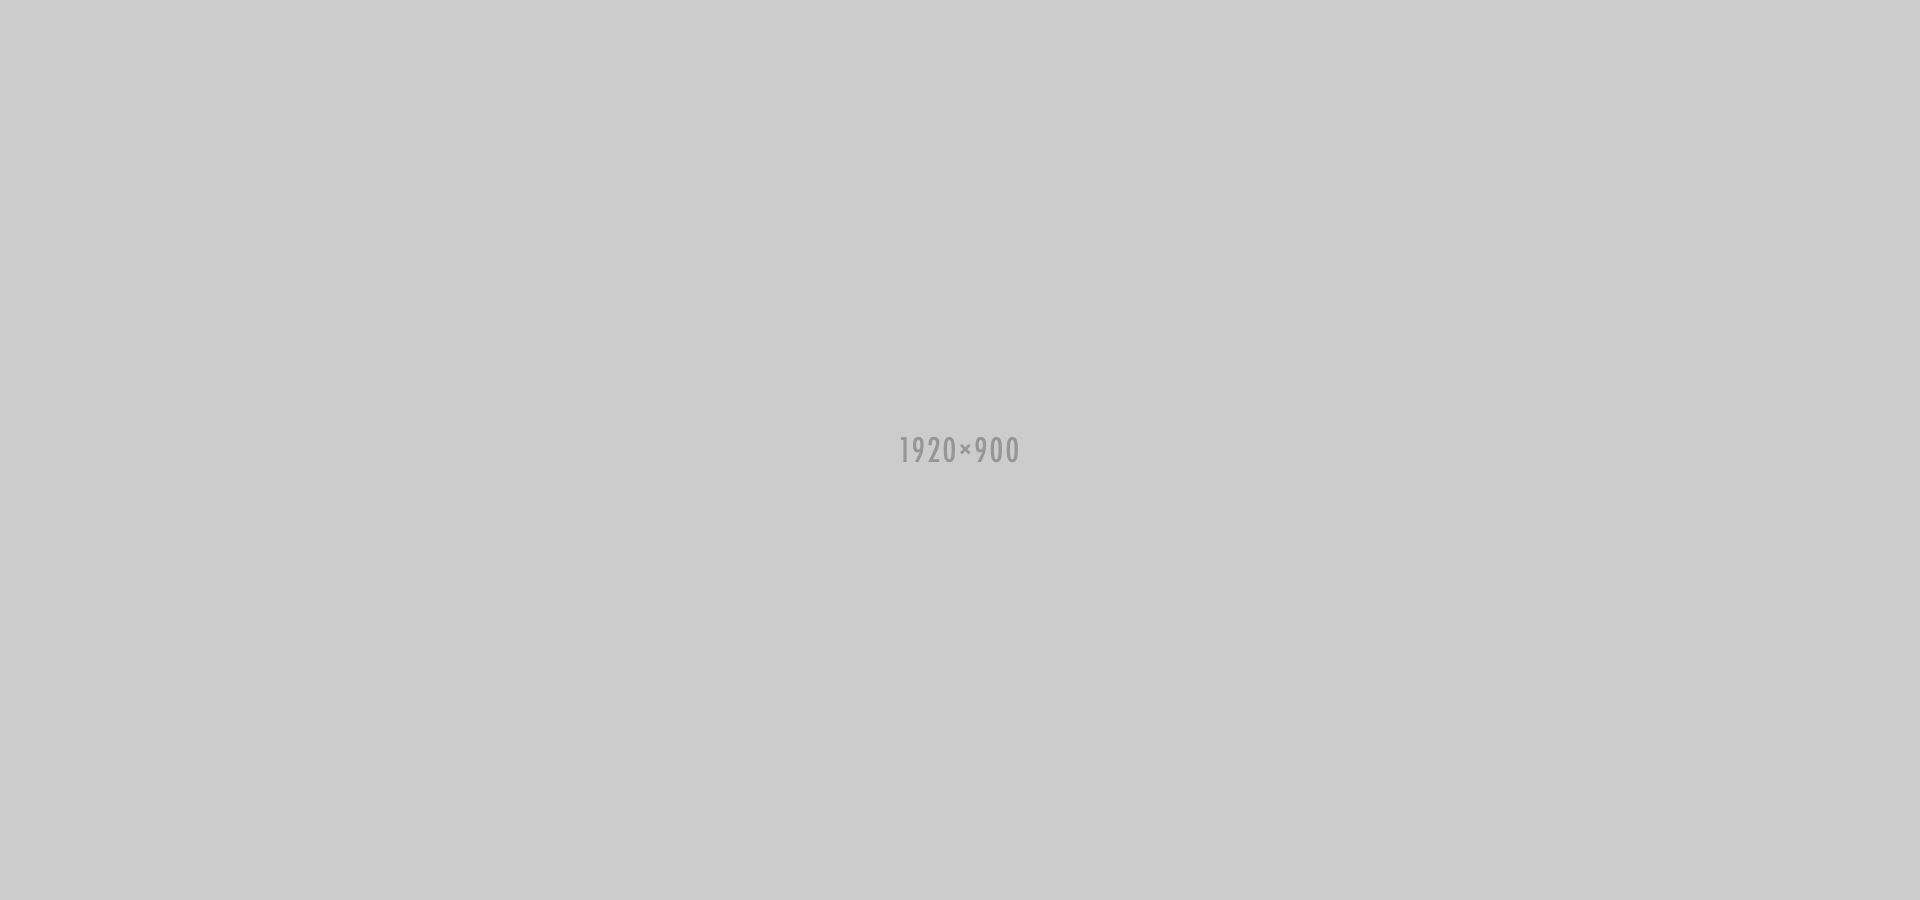 pexels-photo-165637